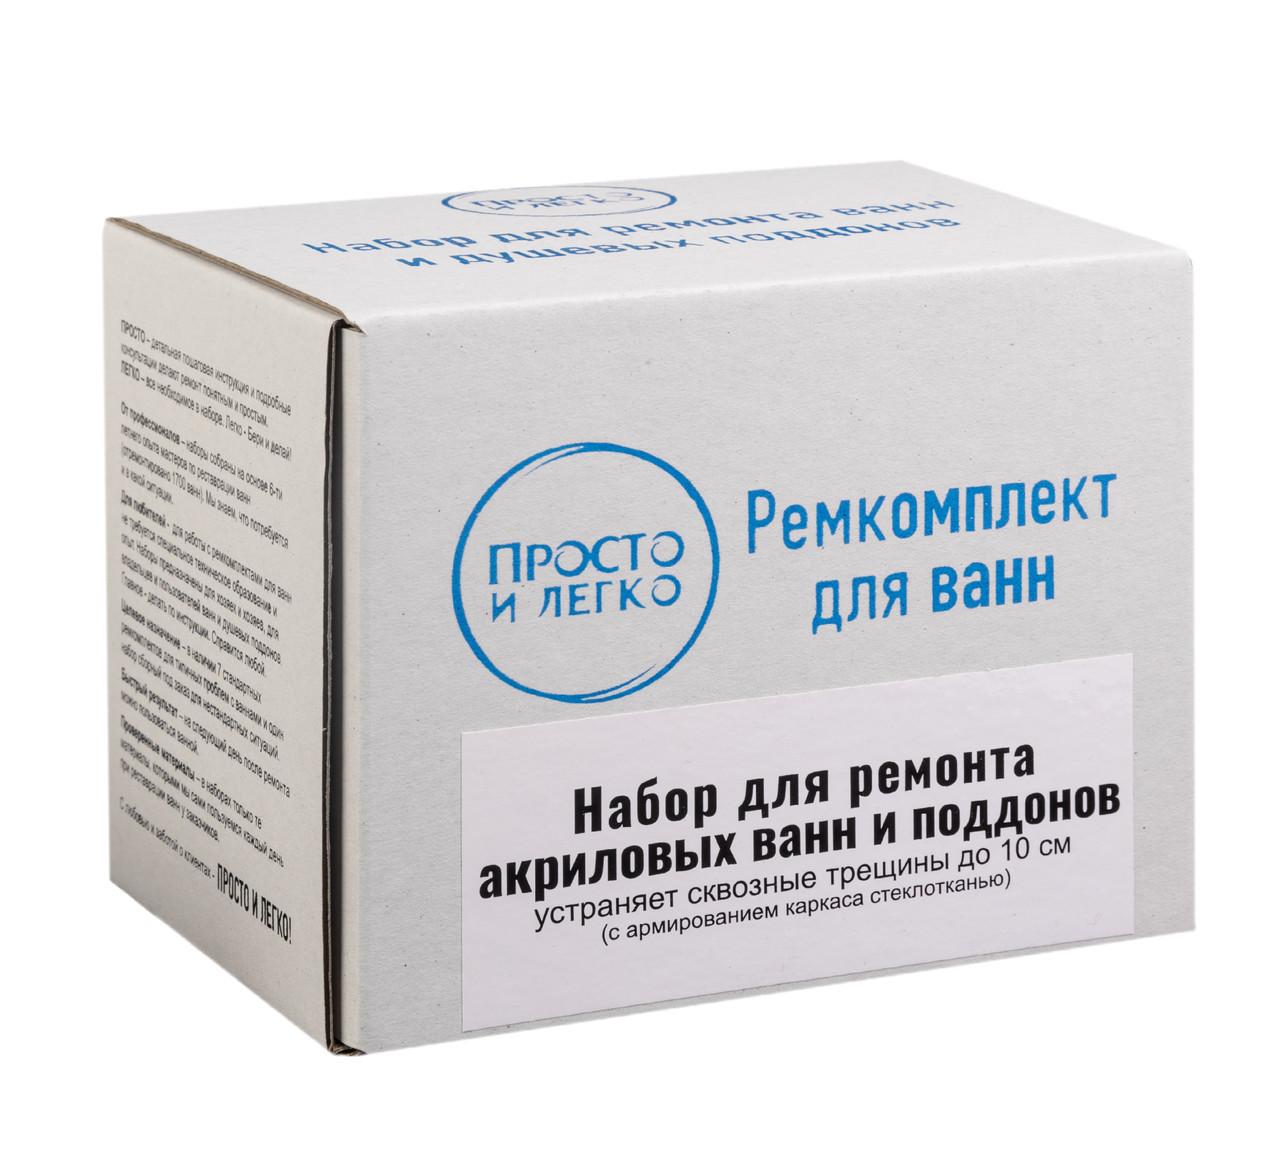 Ремкомплект для трещин акриловых ванн Просто и Легко 20 г SUN0840, КОД: 145157